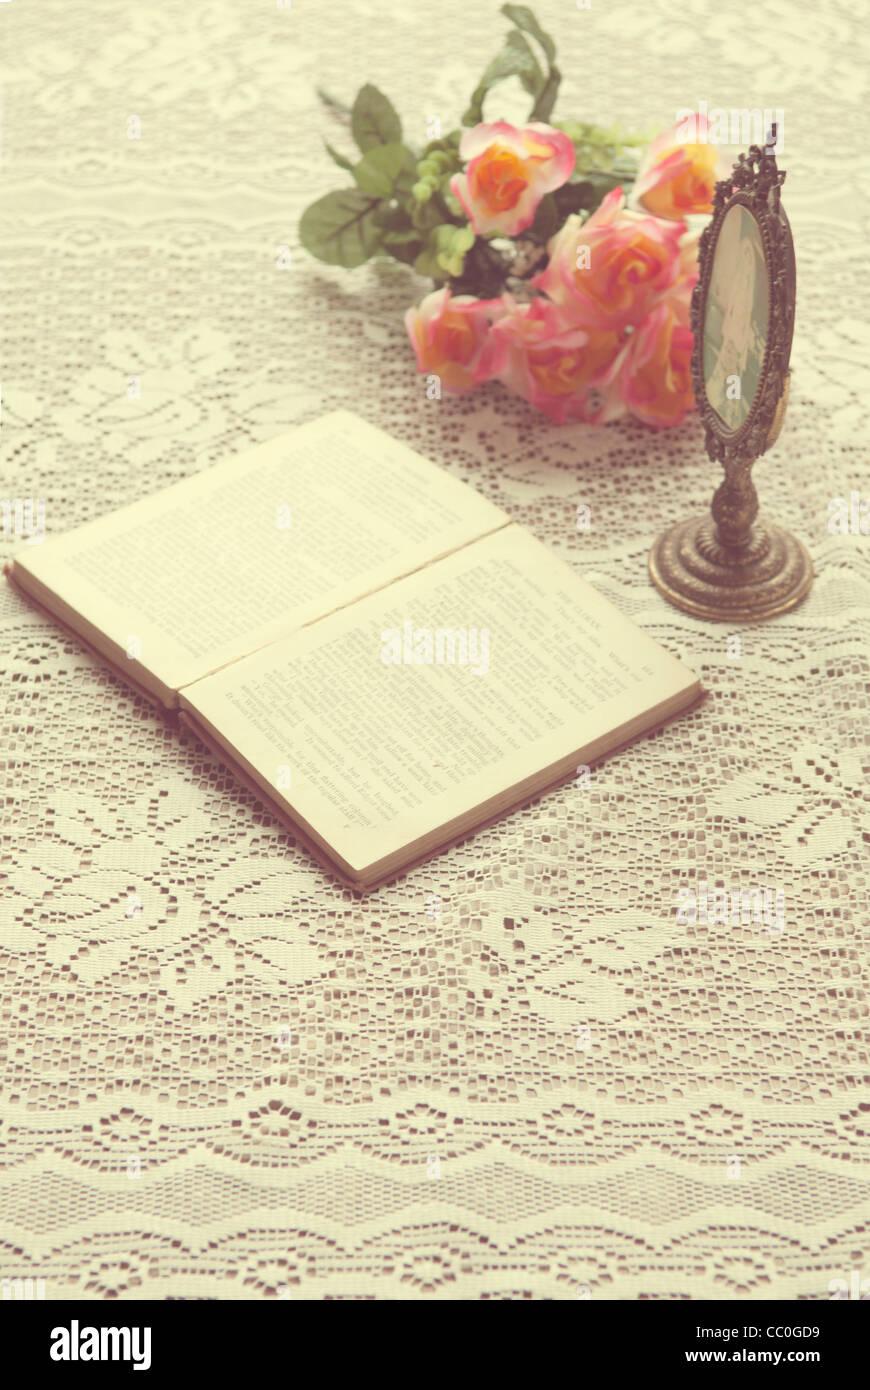 Offenes Buch neben Oval geformte Rahmen und einen Strauß Rosen Stockbild